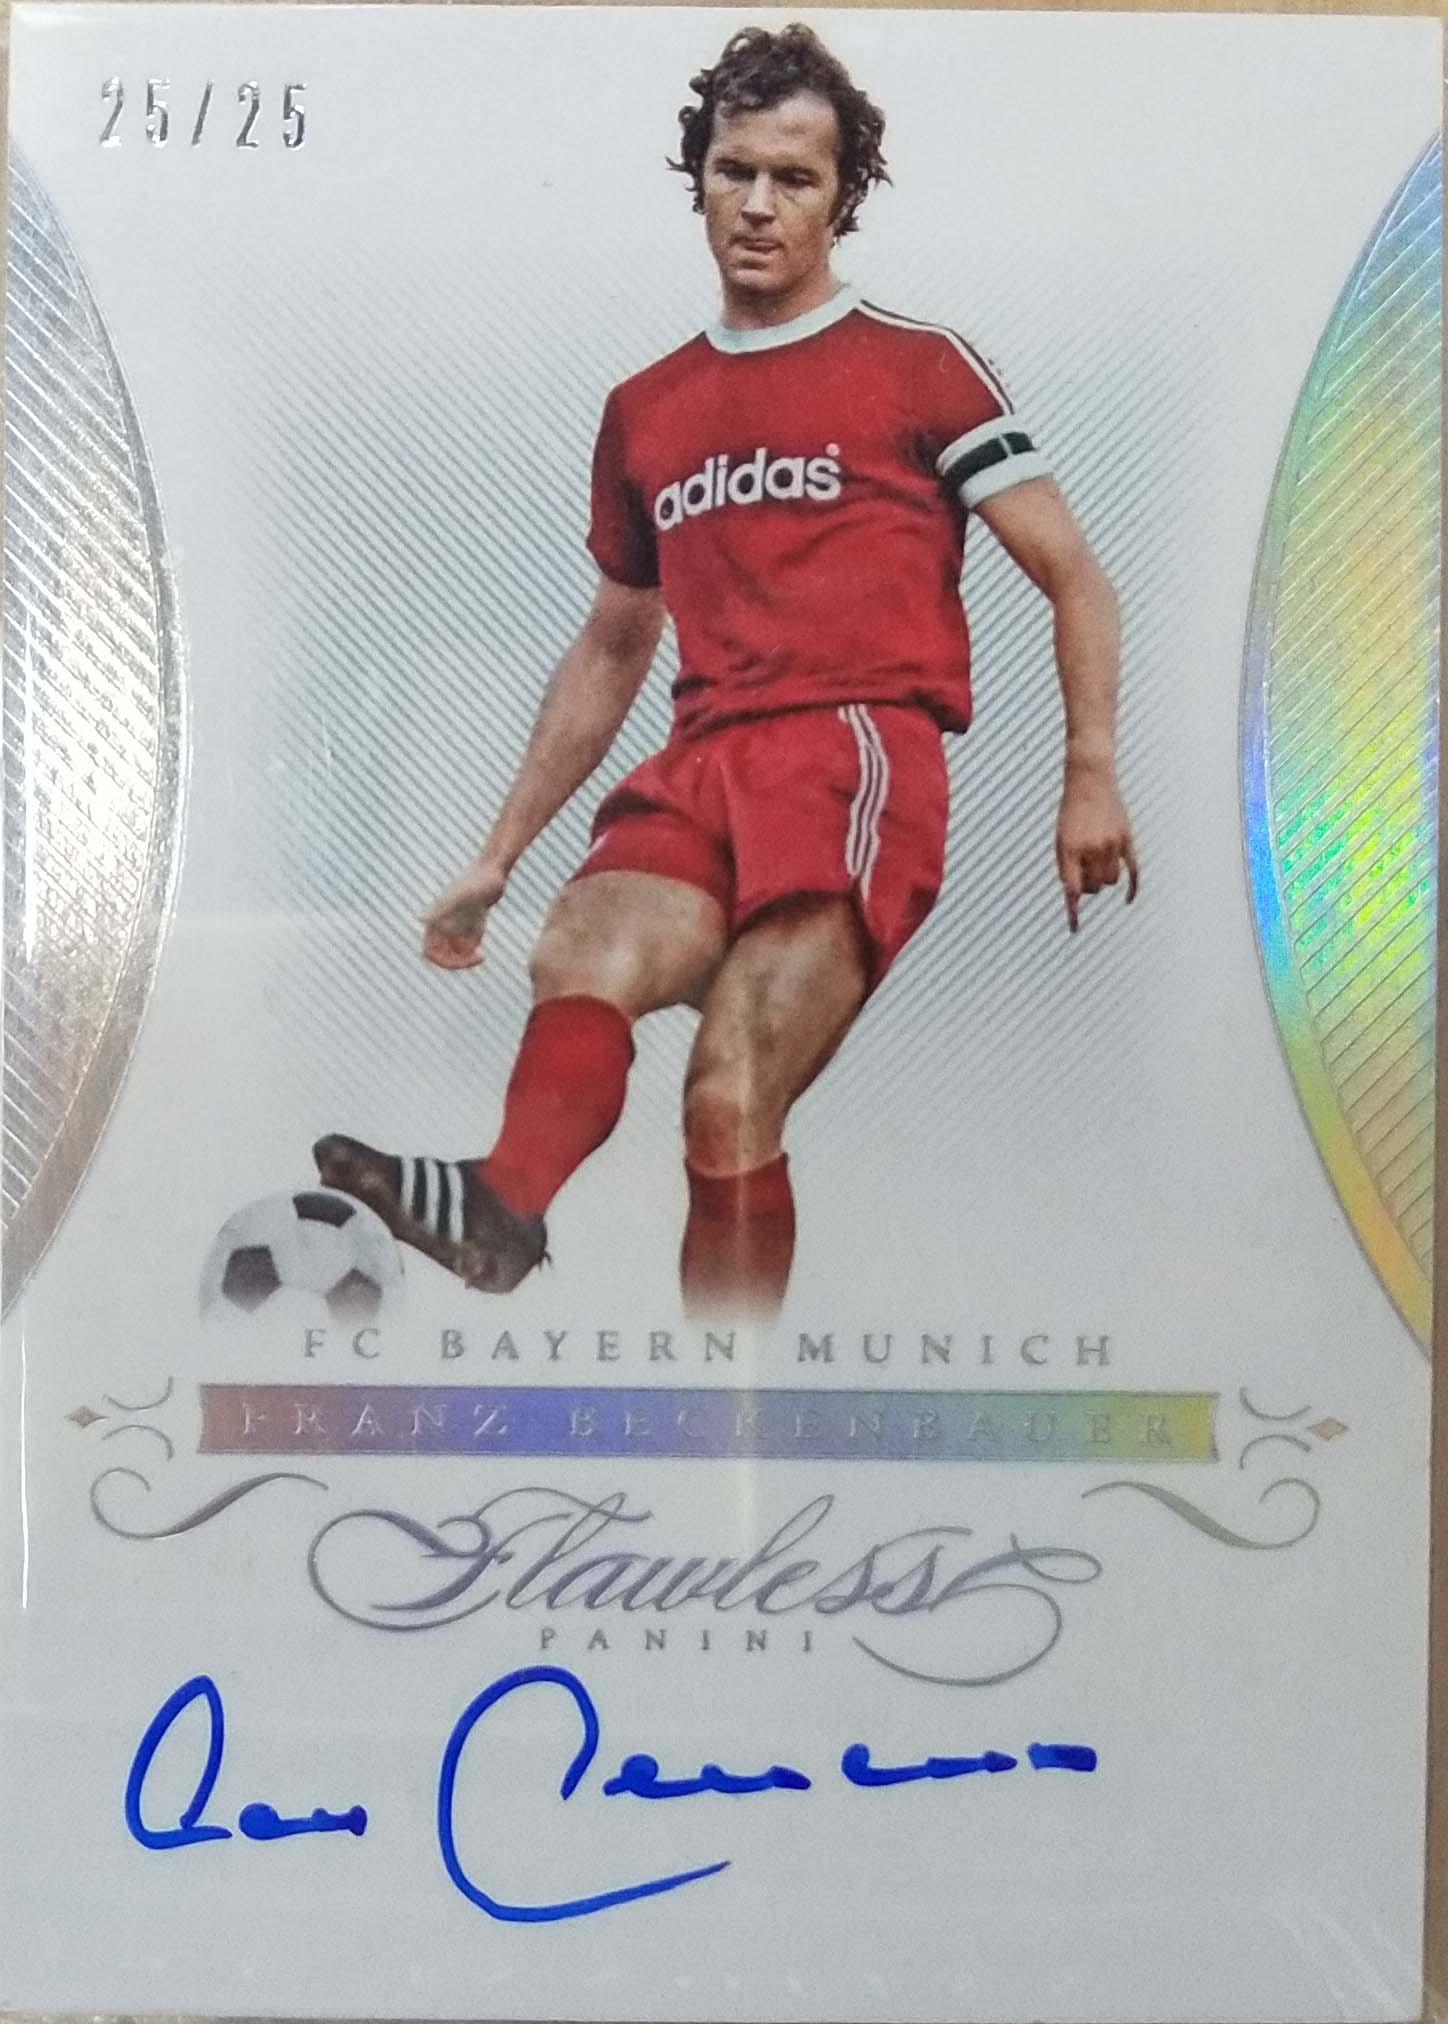 【自若清风】2016Panini帕尼尼手提箱足球球星卡Franz Beckenbauer贝肯鲍尔拜仁慕尼黑25/25签字